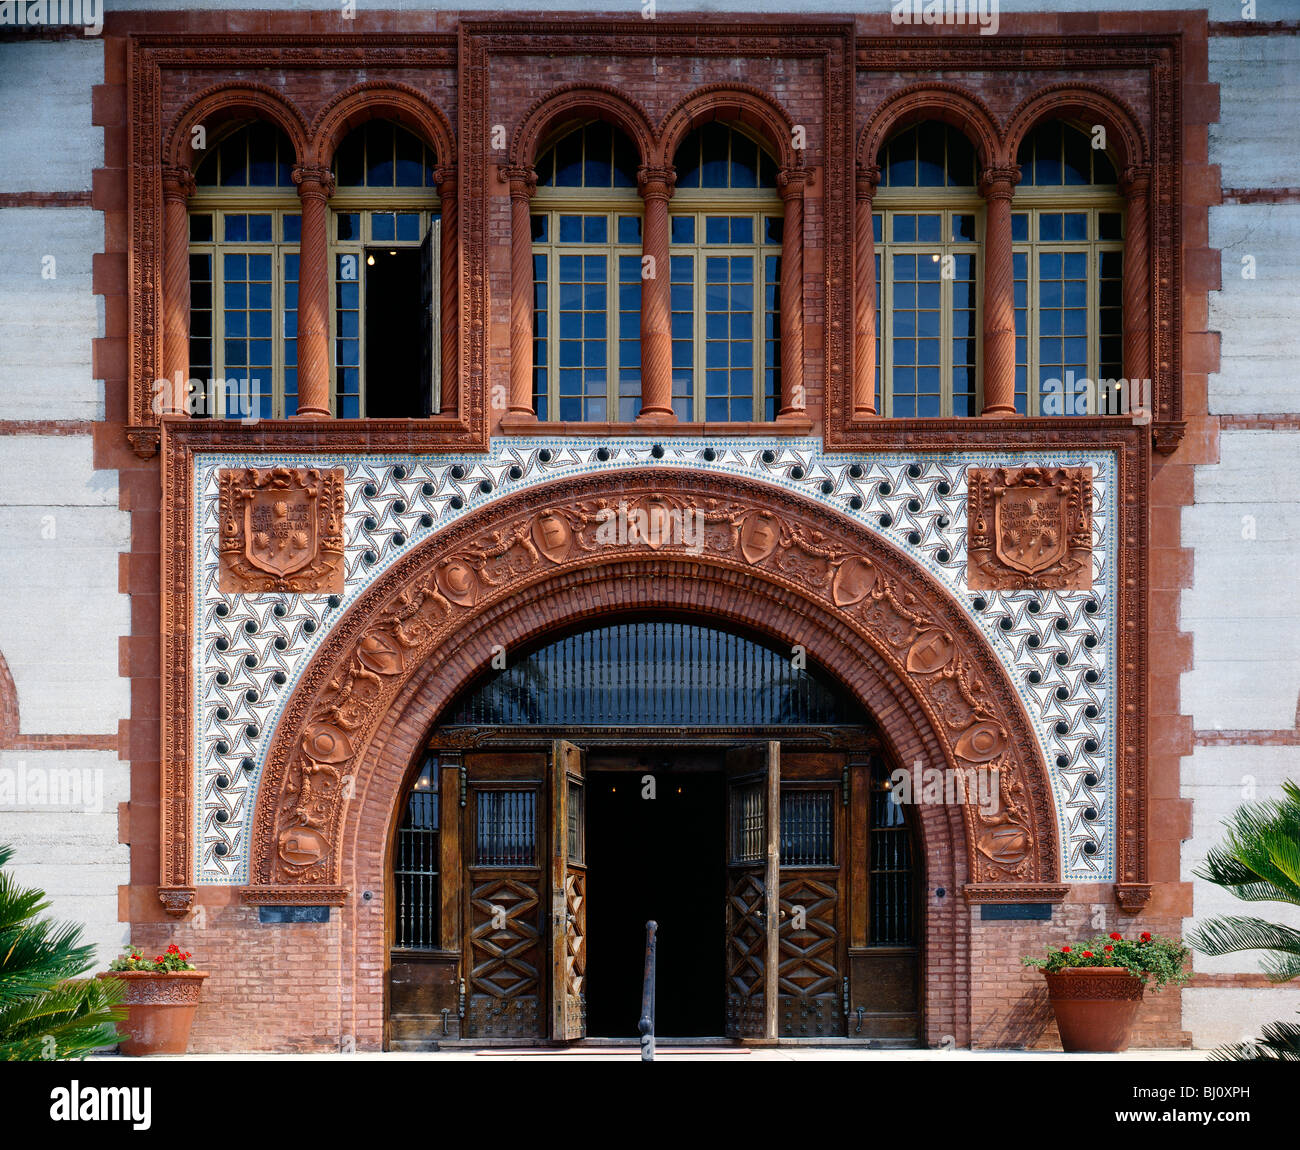 Pormenor Do Edifício No Flagler College, 1888 Espanhol Arquitectura De  Estilo Renascentista, Santo Agostinho, Florida, ESTADOS UNIDOS DA AMÉRICA